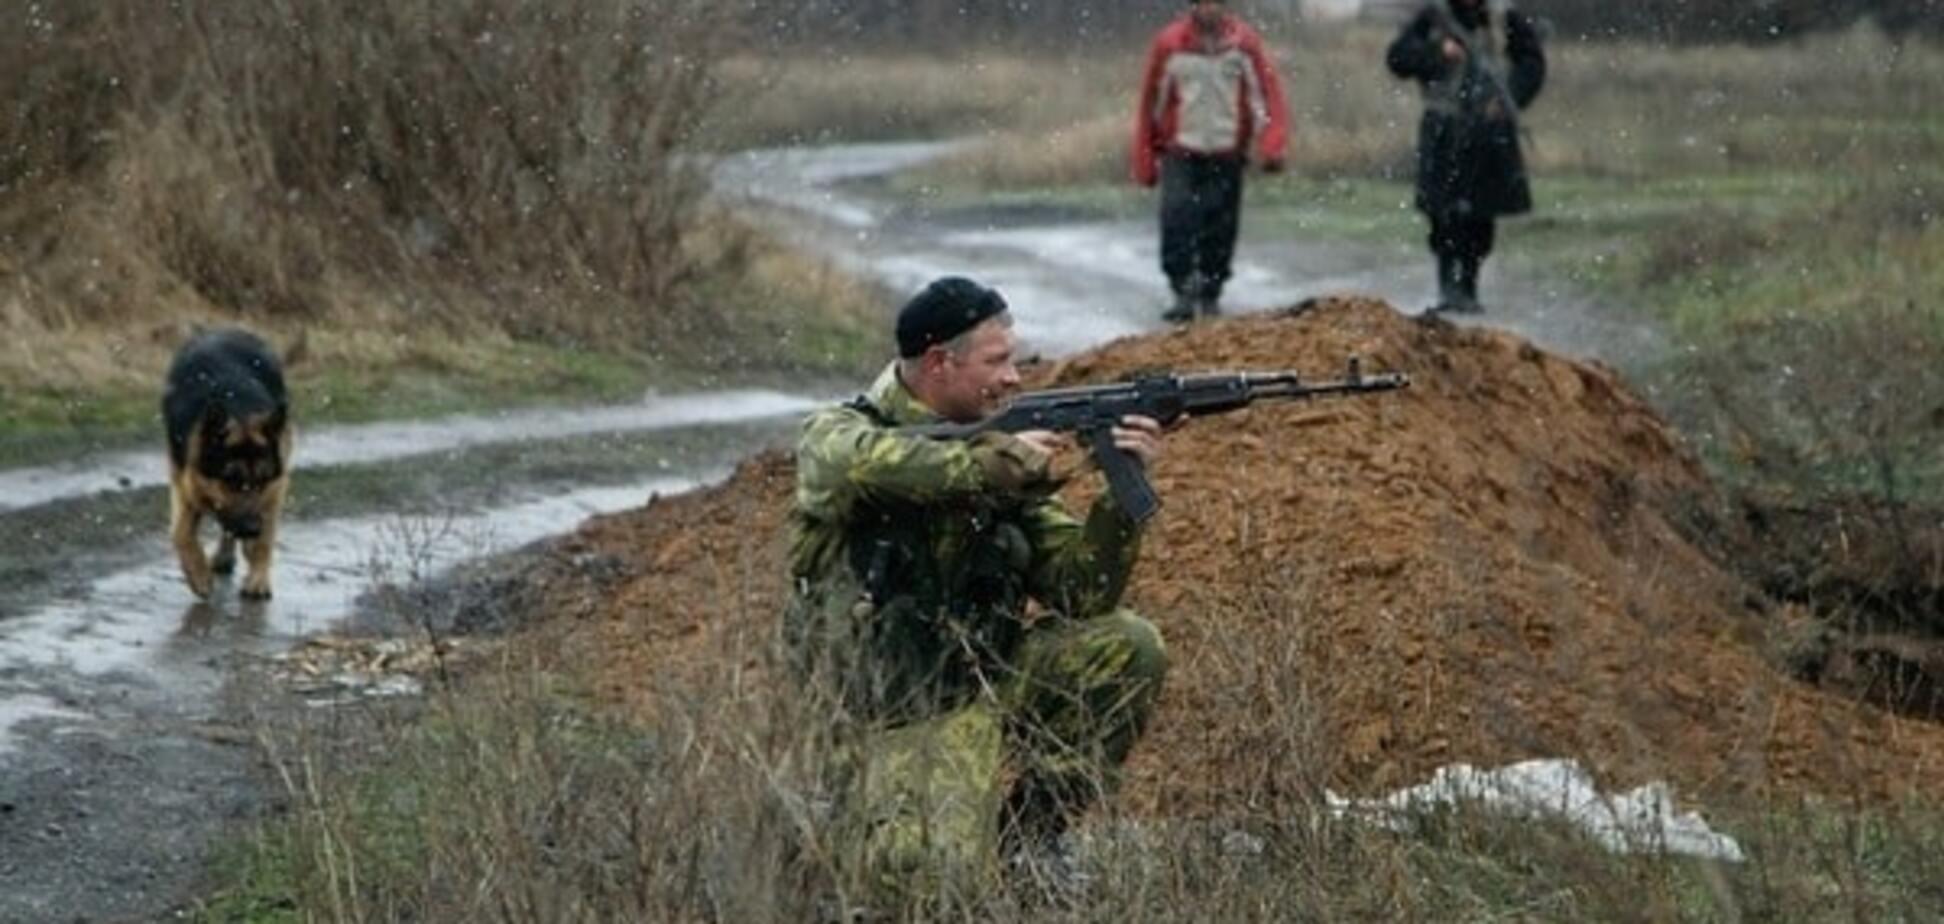 Счет на десятки: разведка сообщила о больших потерях среди боевиков на Донбассе